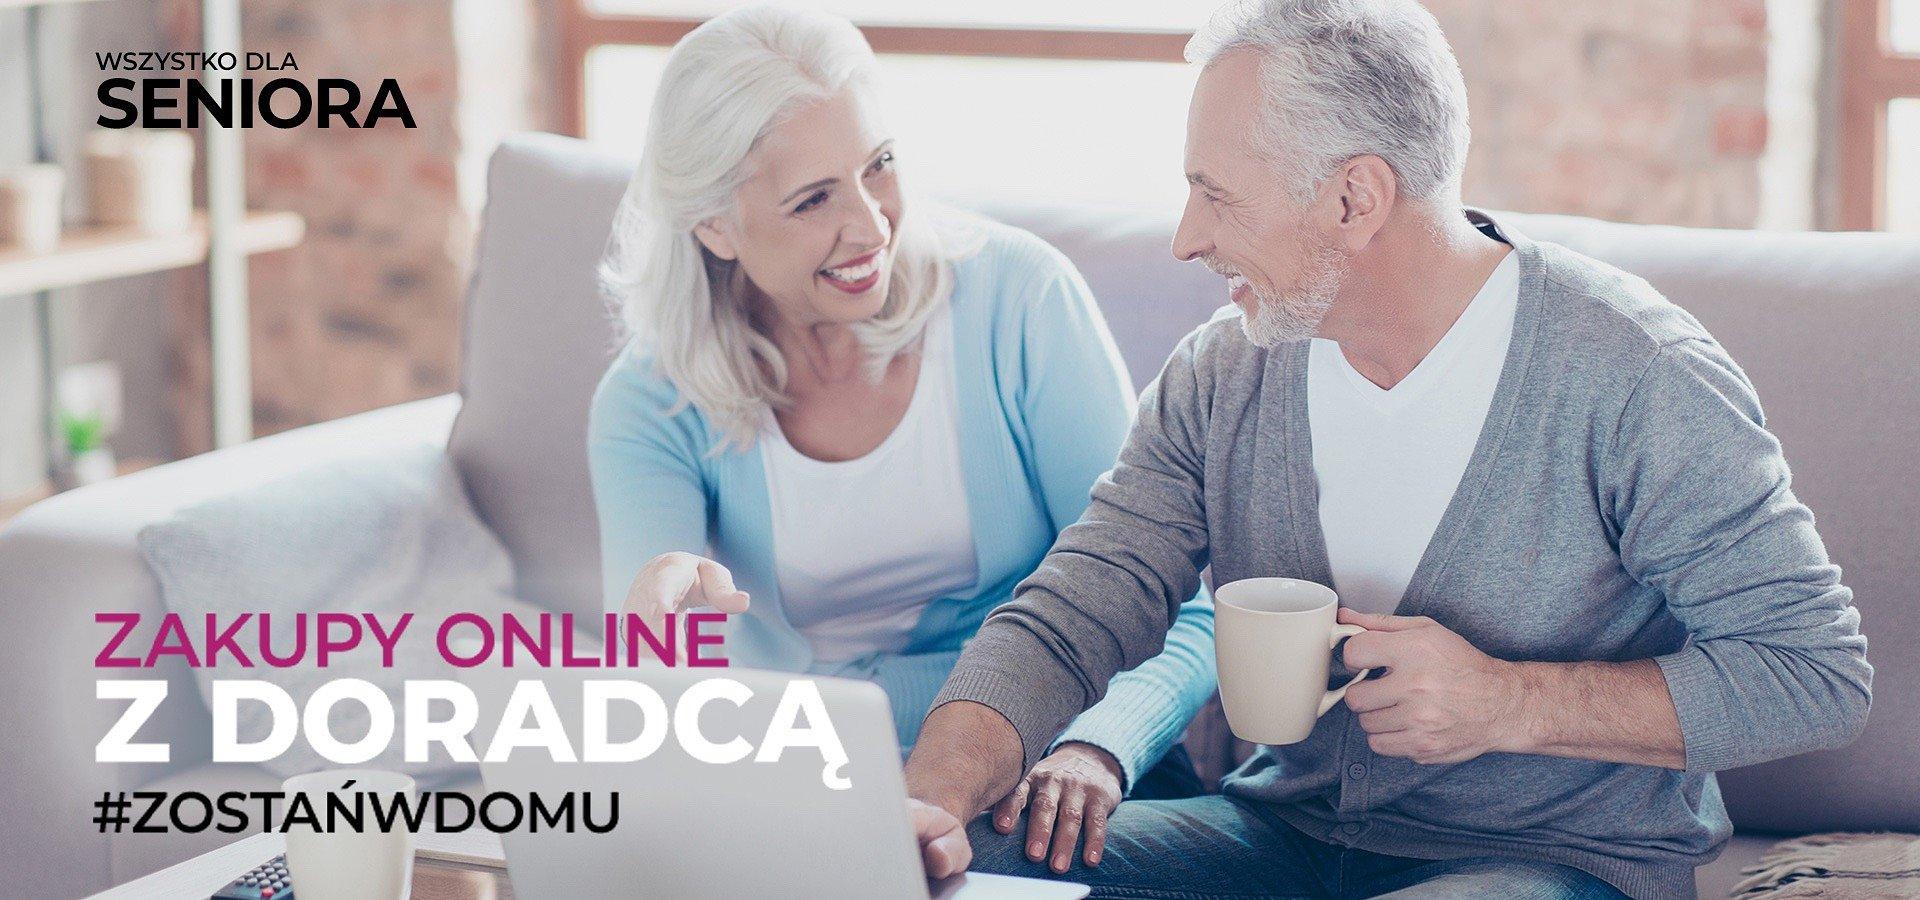 Komputronik ułatwia zakupy seniorom